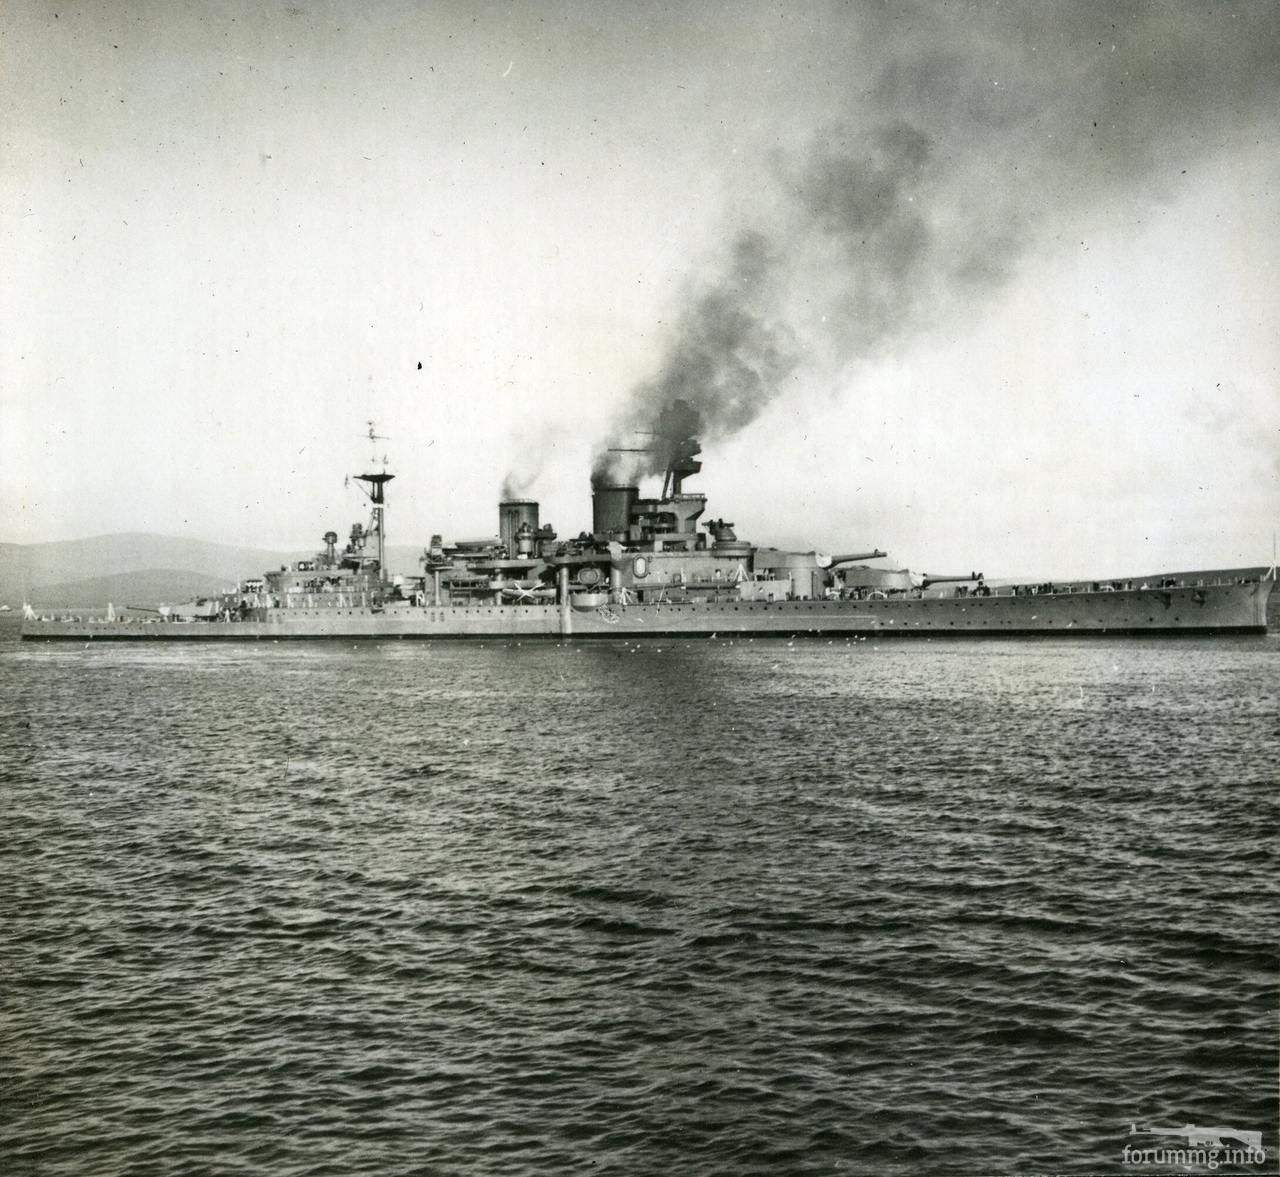 126041 - Броненосцы, дредноуты, линкоры и крейсера Британии